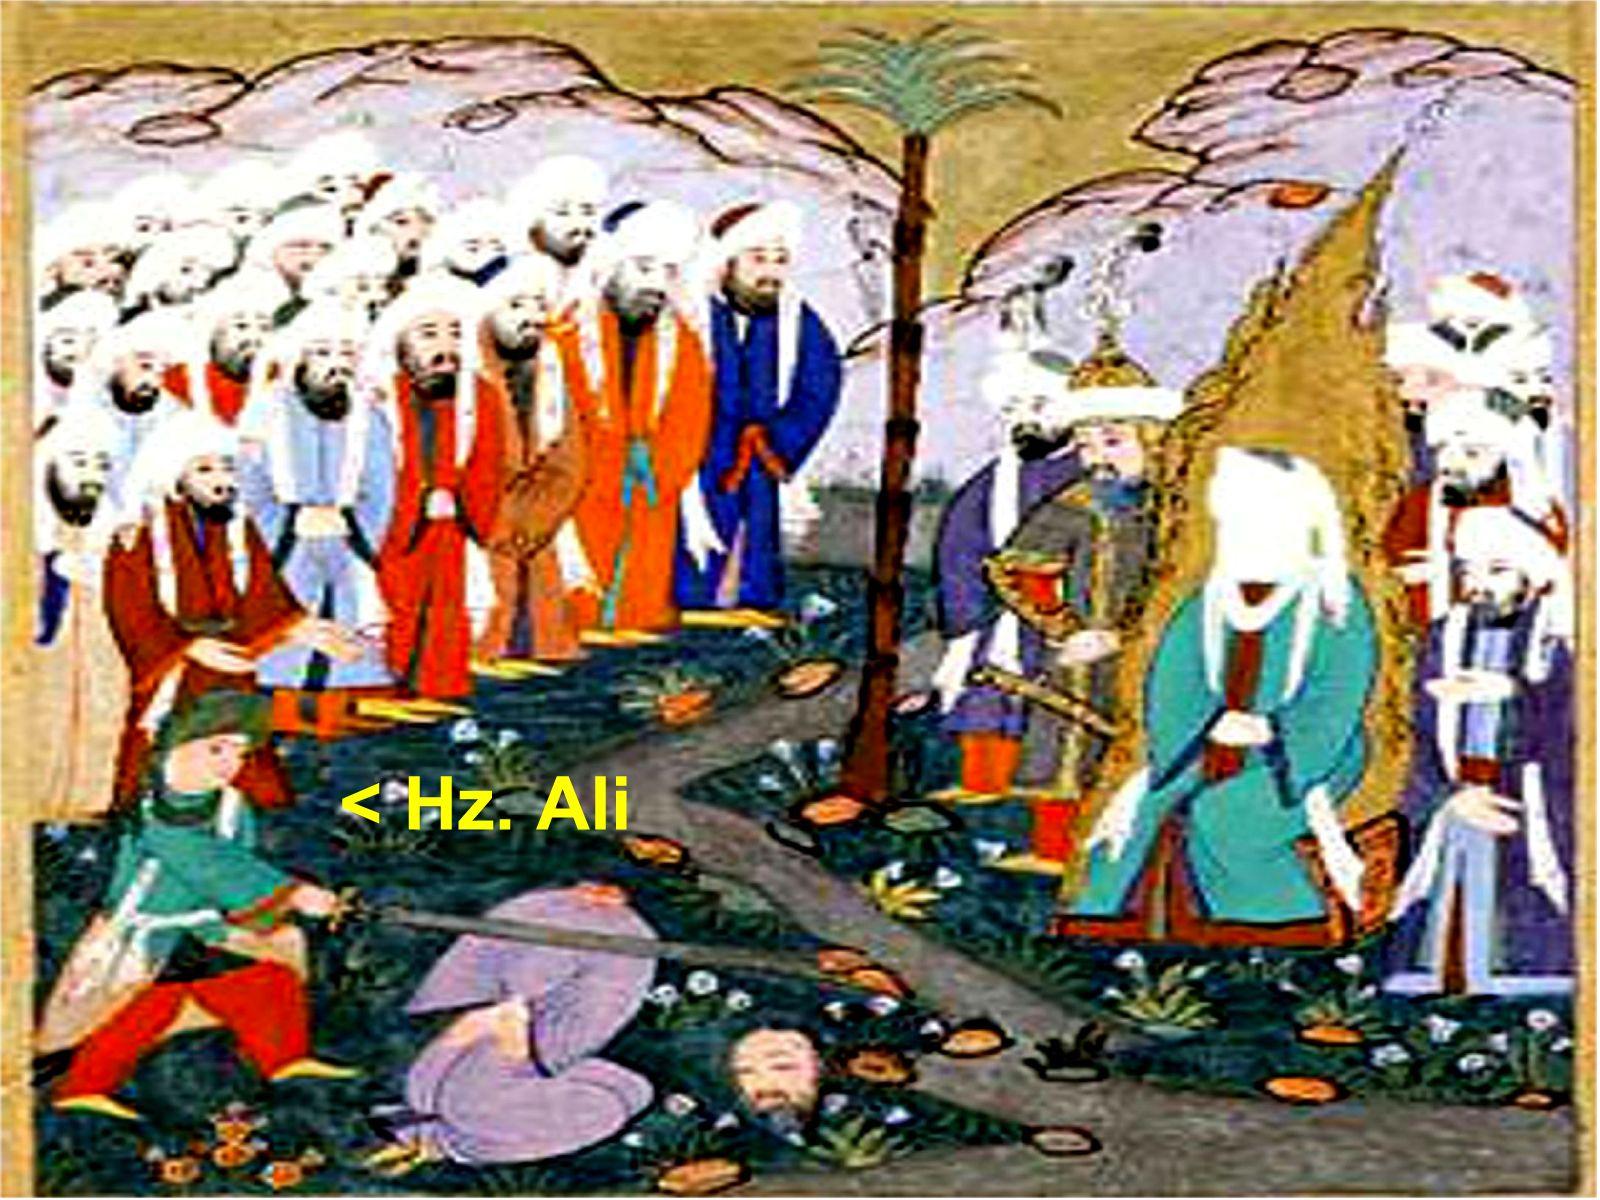 Devrimci Aleviler Birliği DAB Alevi Kızılbaş Bektaşi pir sultan cem hz Ali 12 imam semah Feramuz Şah Acar kelle kesen ali